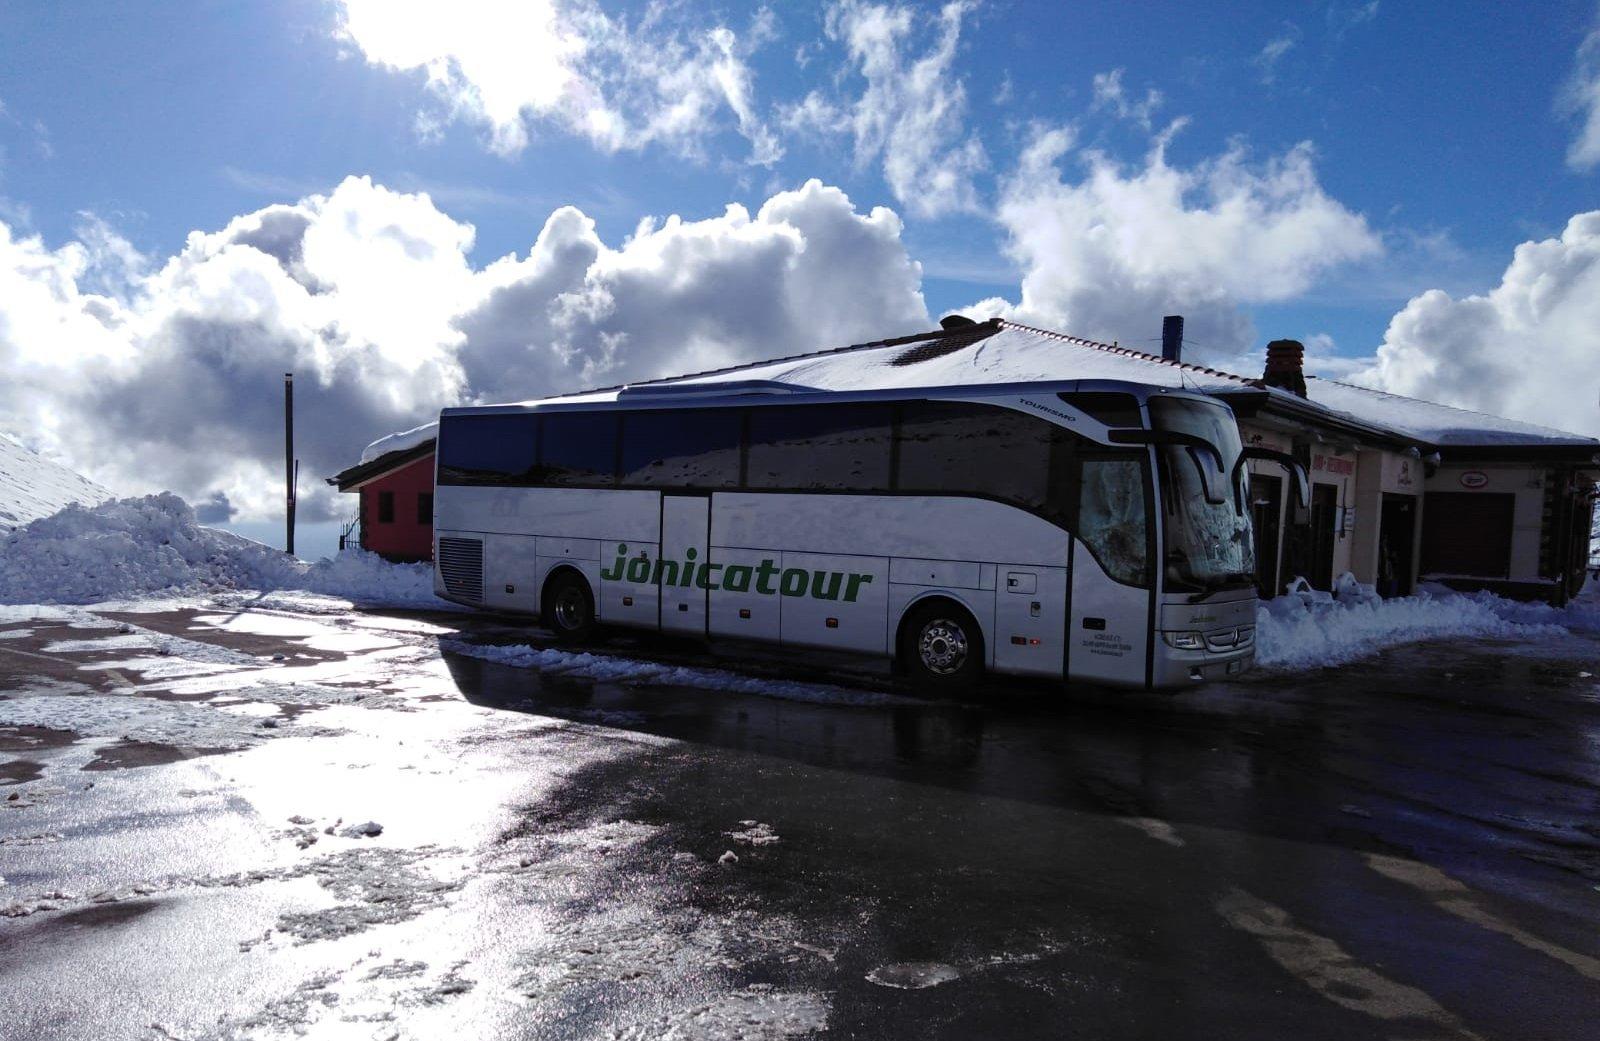 Bus GT Jonicatour a Etna Sud versante montagna